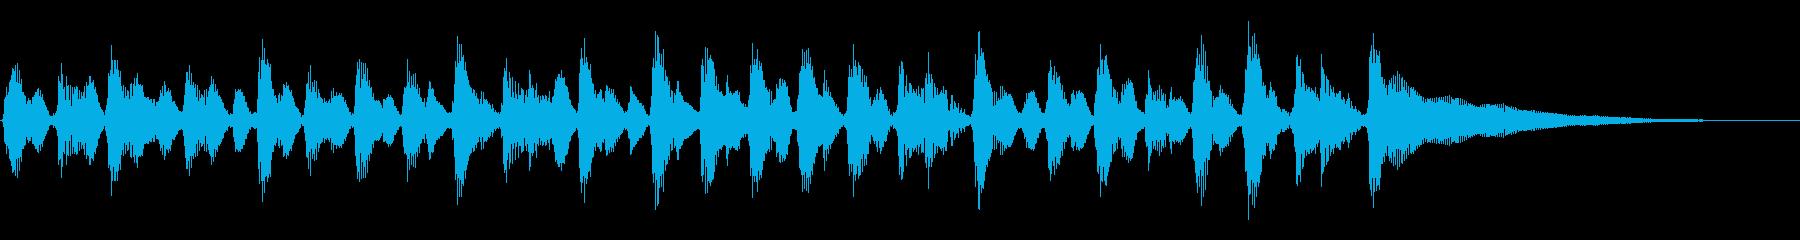 15秒CM、アコギリズム、商品紹介等の再生済みの波形